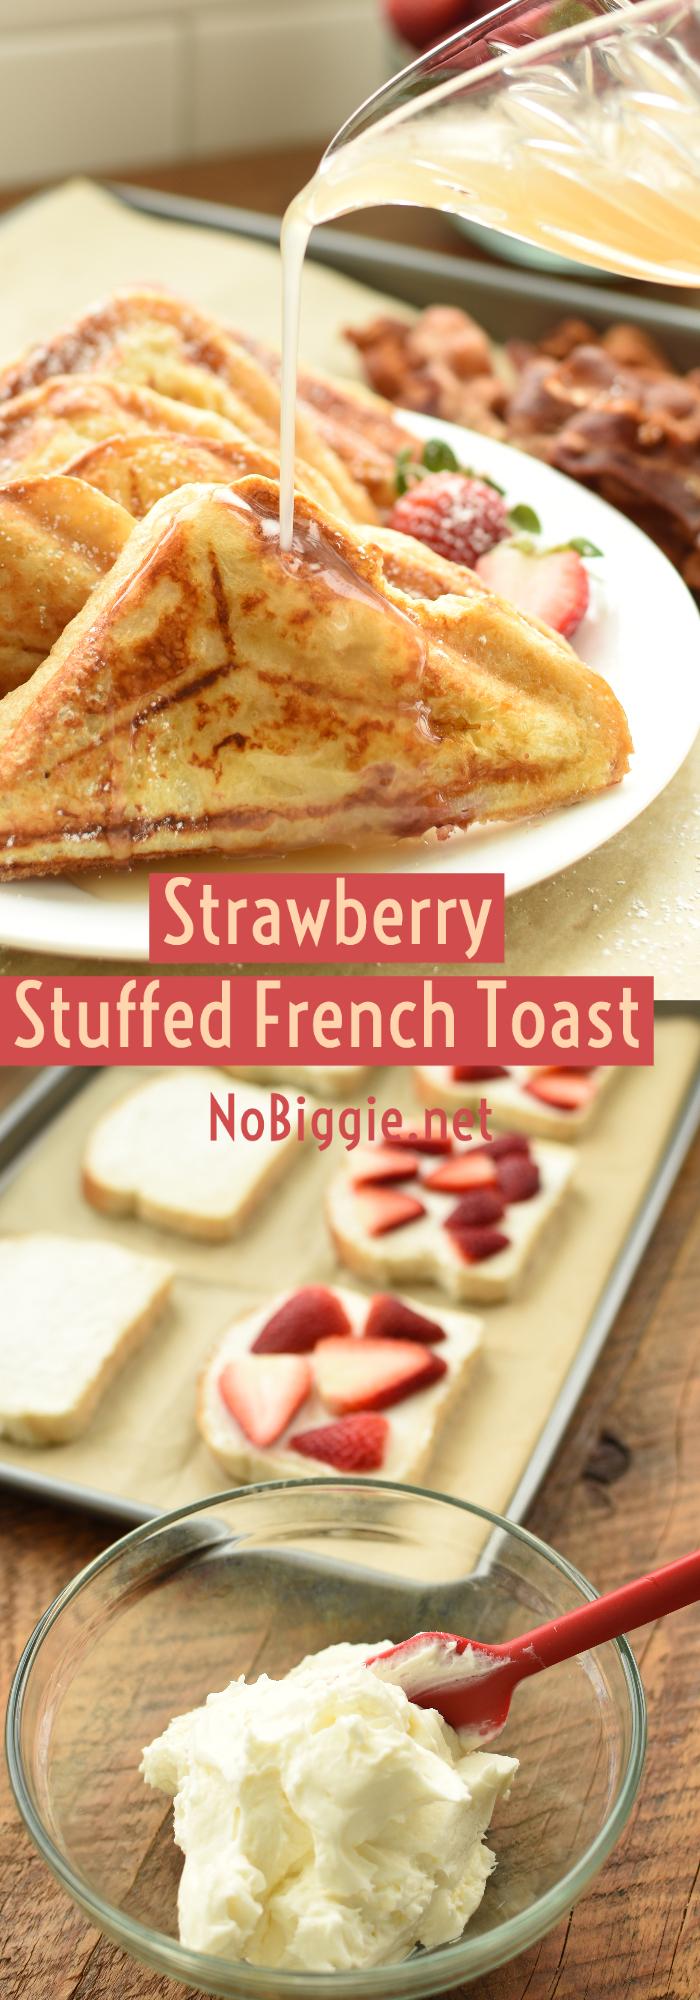 strawberry french toast | NoBiggie.net